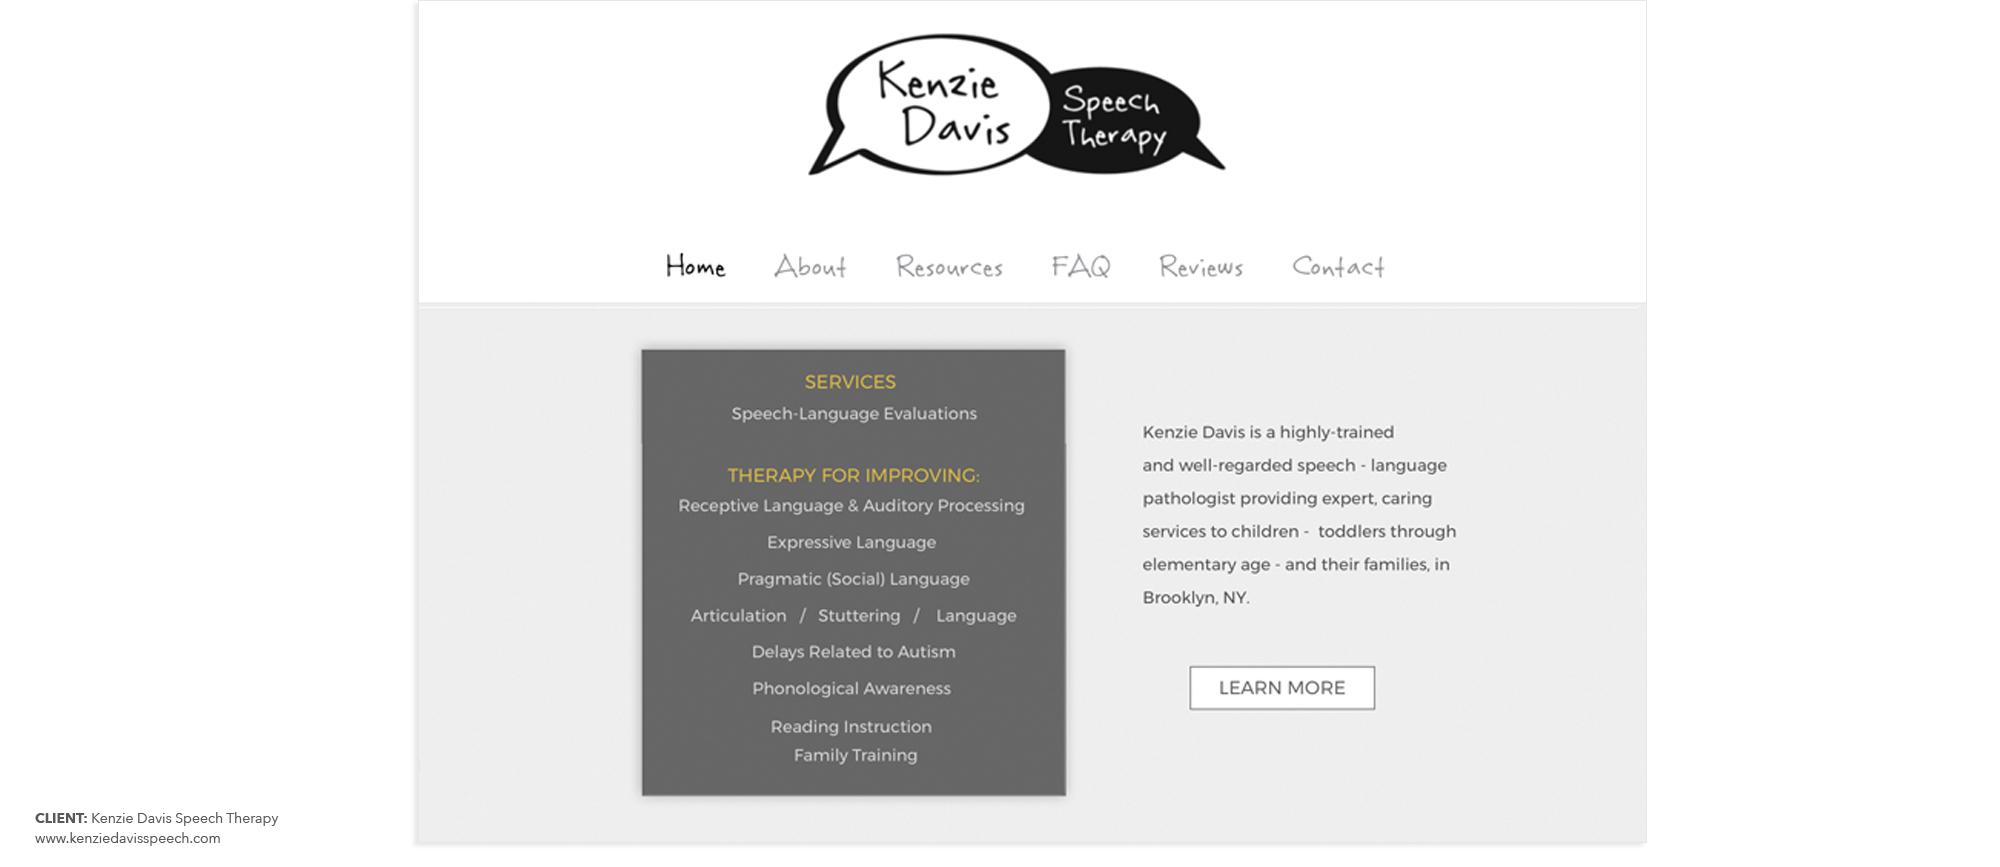 Kenzie Davis Speech Therapy